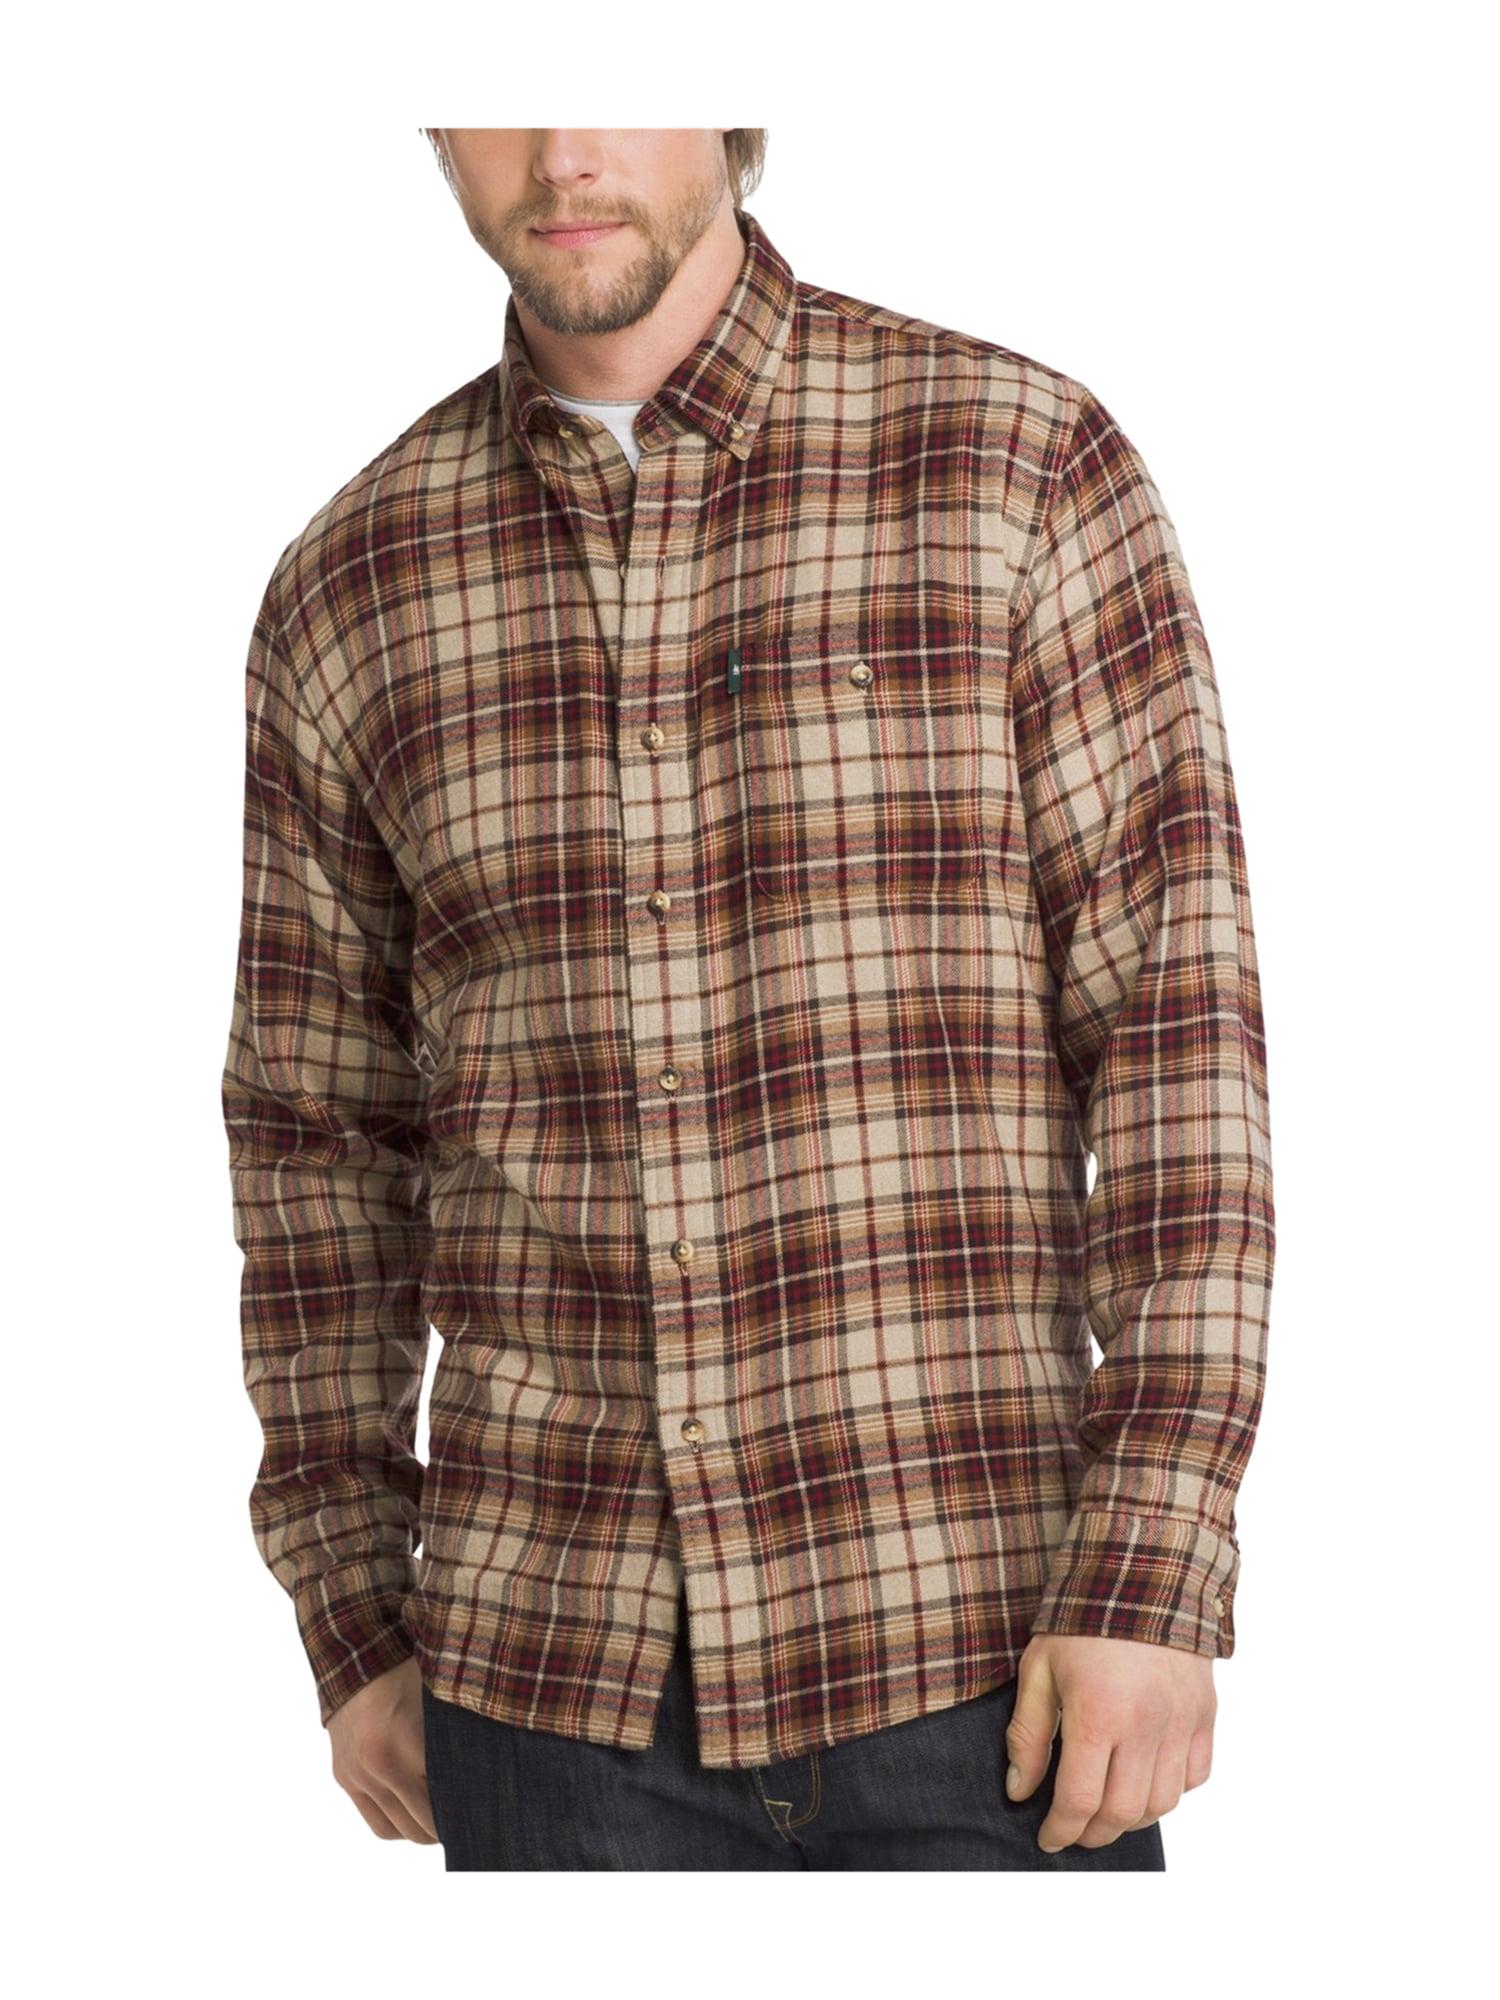 50e73c5e38 G.H. Bass & Co. Mens Flannel Button Up Shirt oystergry 3XL | Walmart ...